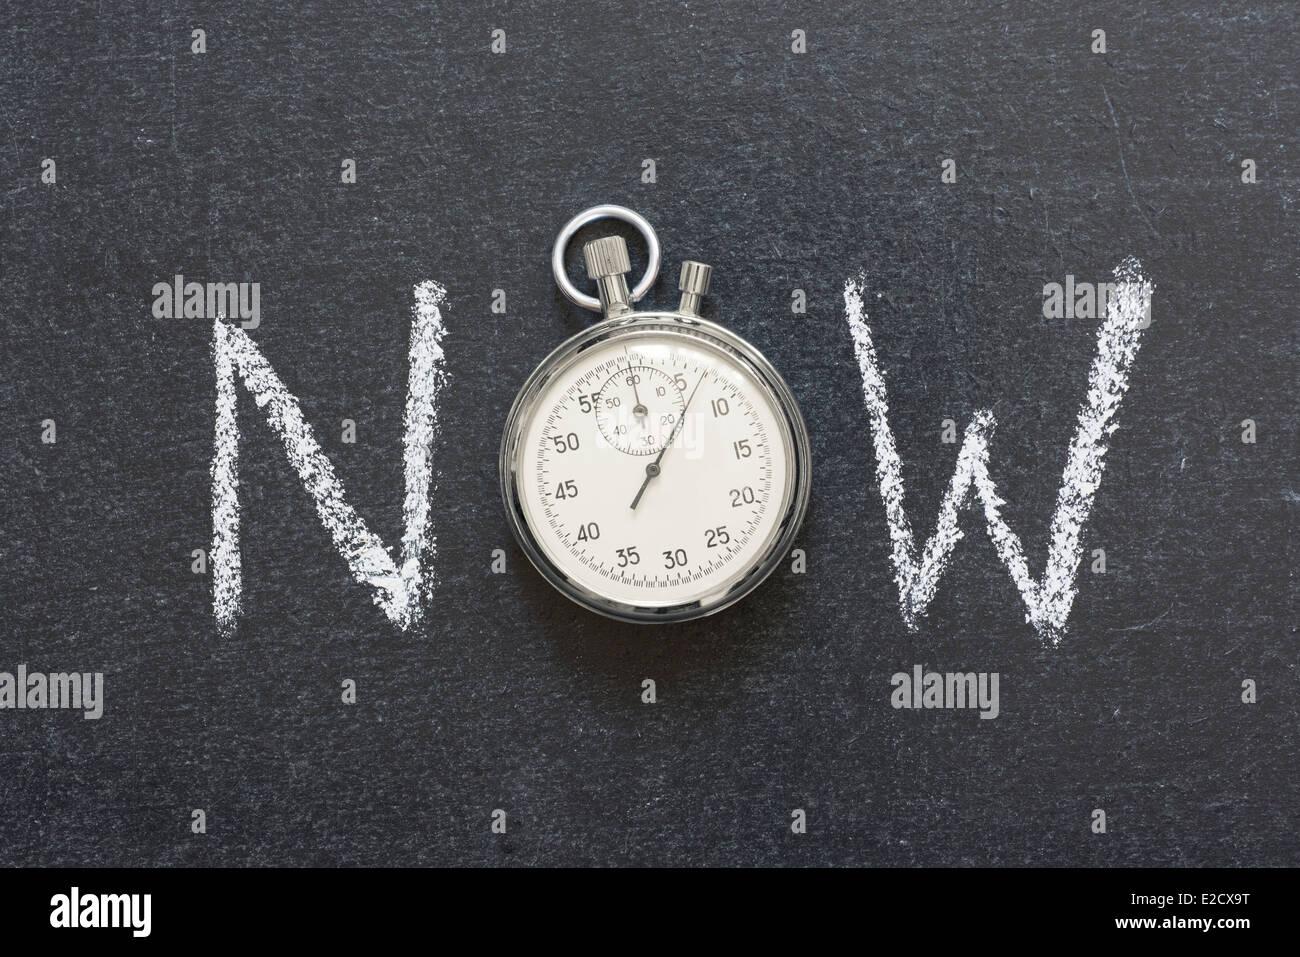 Ora concetto manoscritta su lavagna con vintage cronometro preciso utilizzato al posto di o Immagini Stock